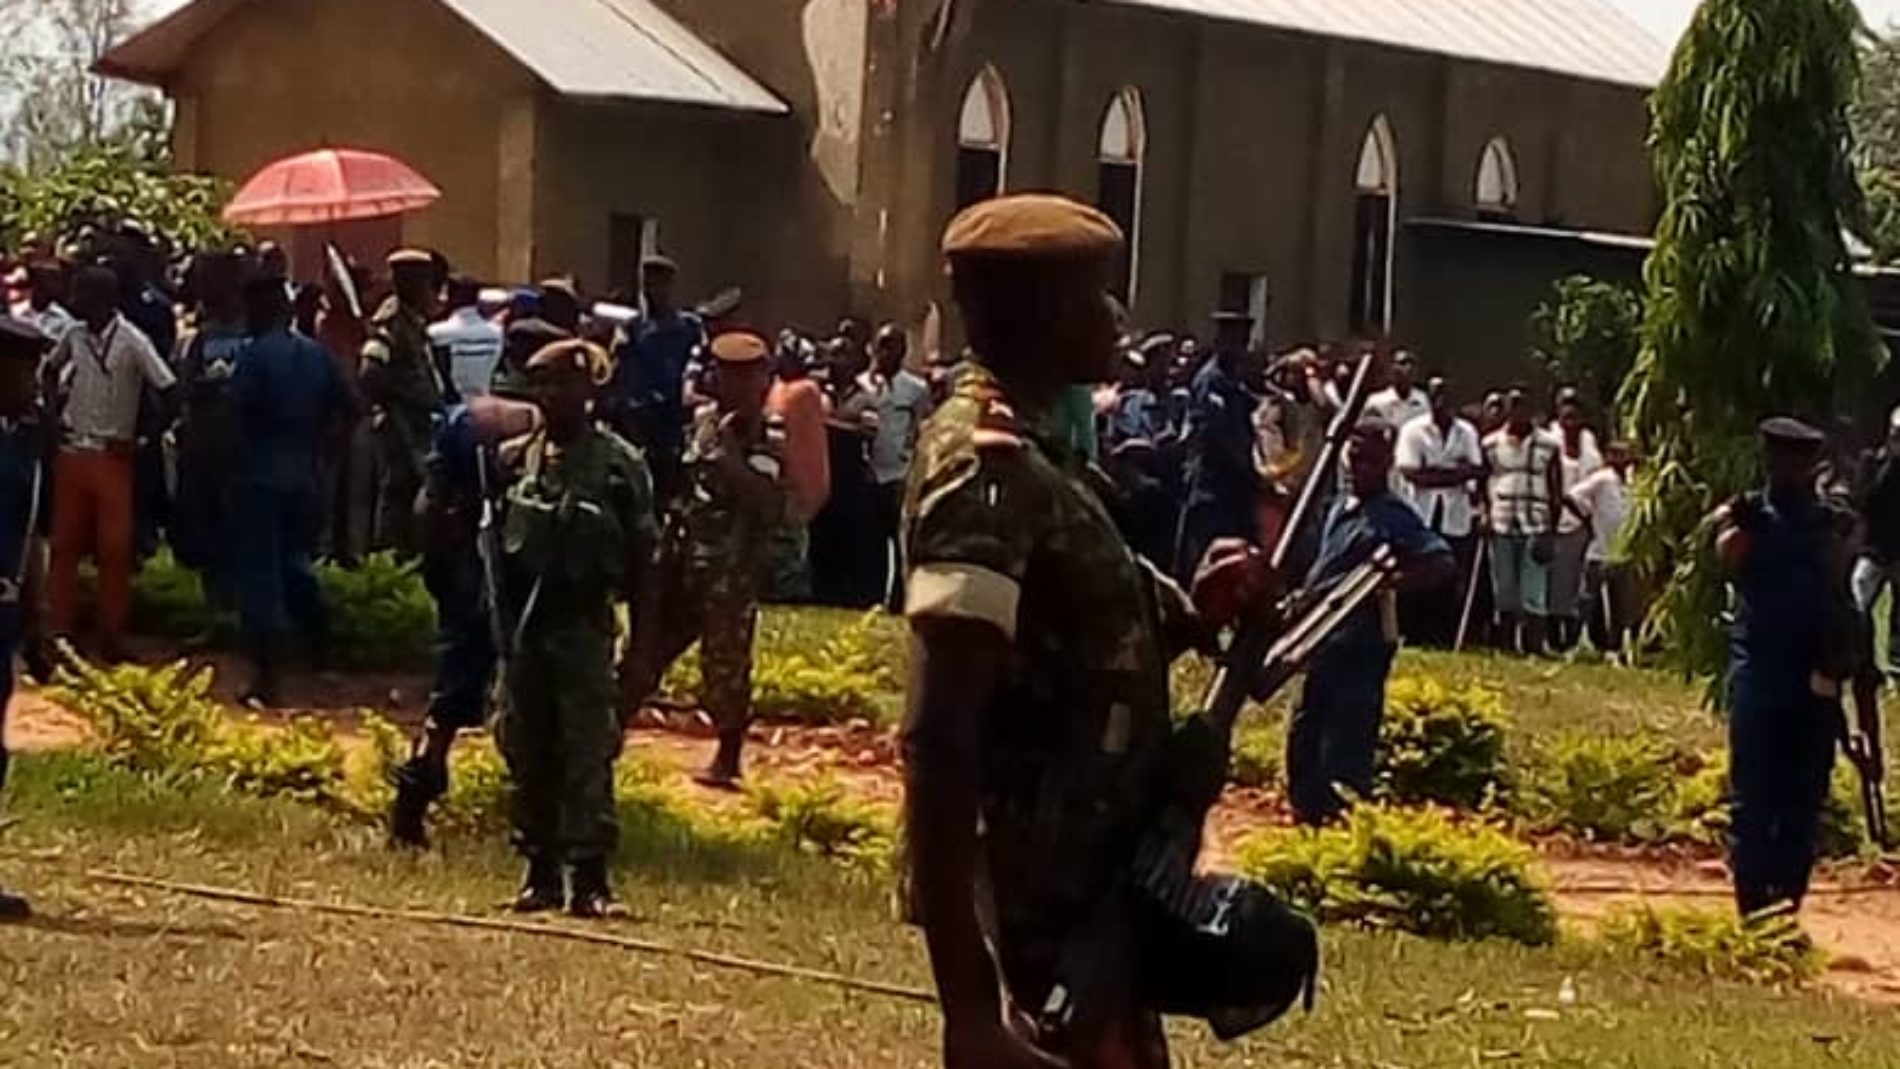 Buganda (Cibitoke) : peur panique chez les fidèles de l'église adventiste du 7ème jour